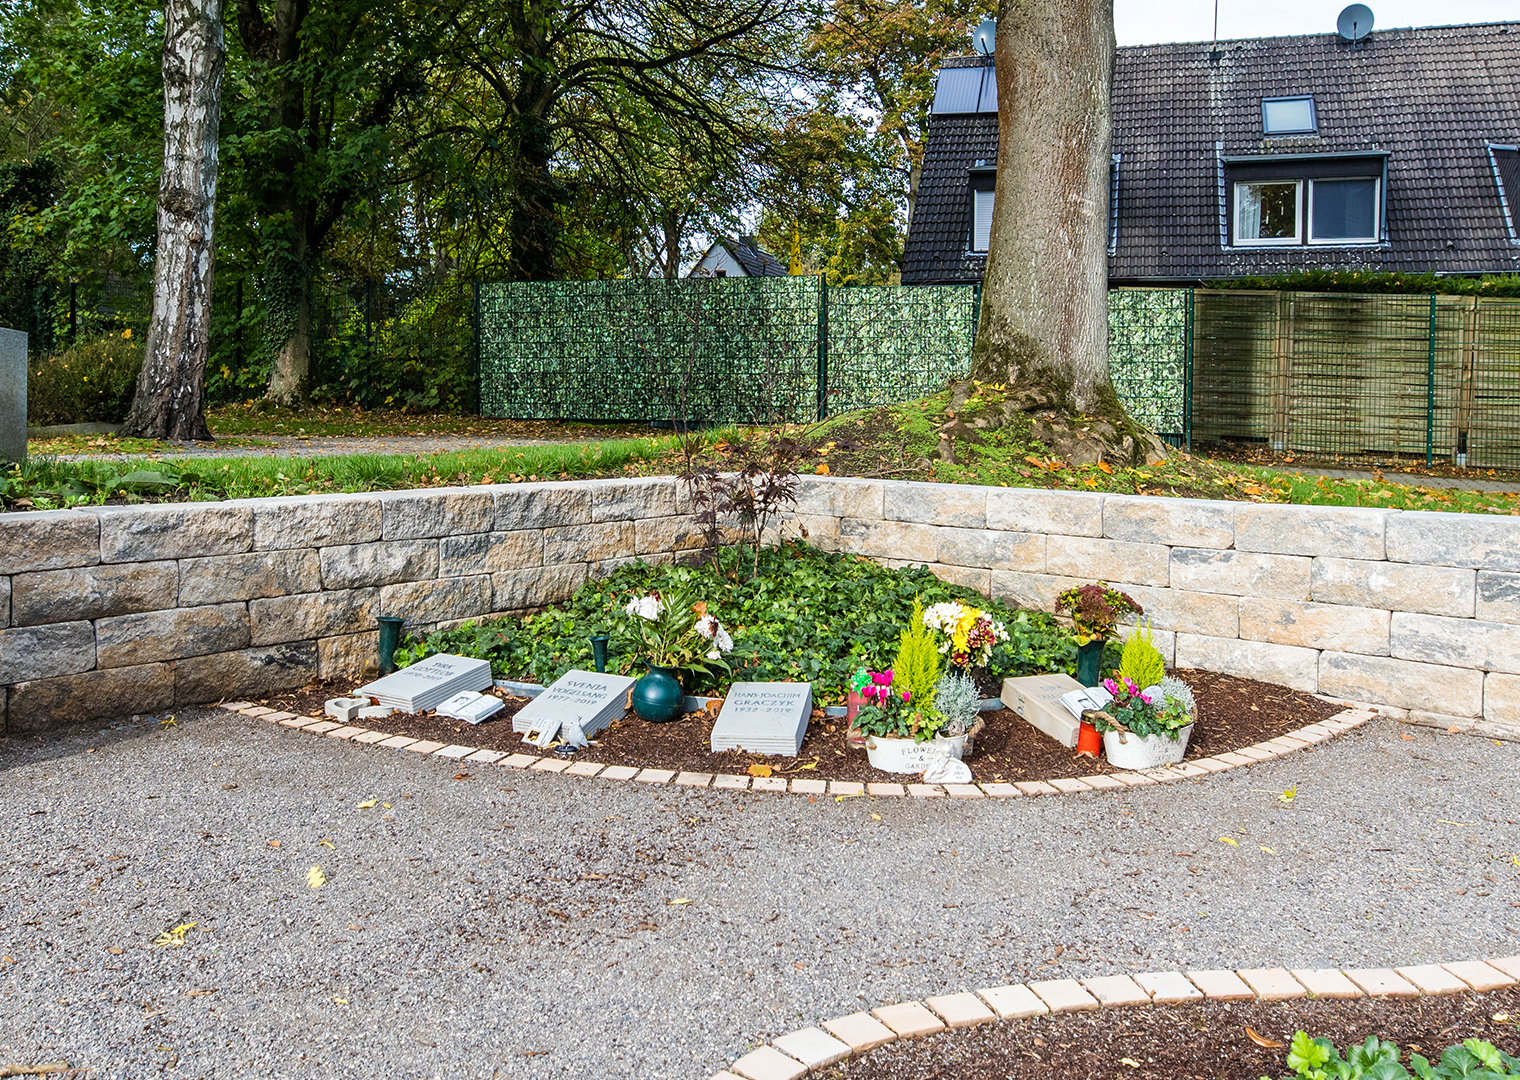 Grabpflege im Herbst: herbstlich gestaltetes Grab